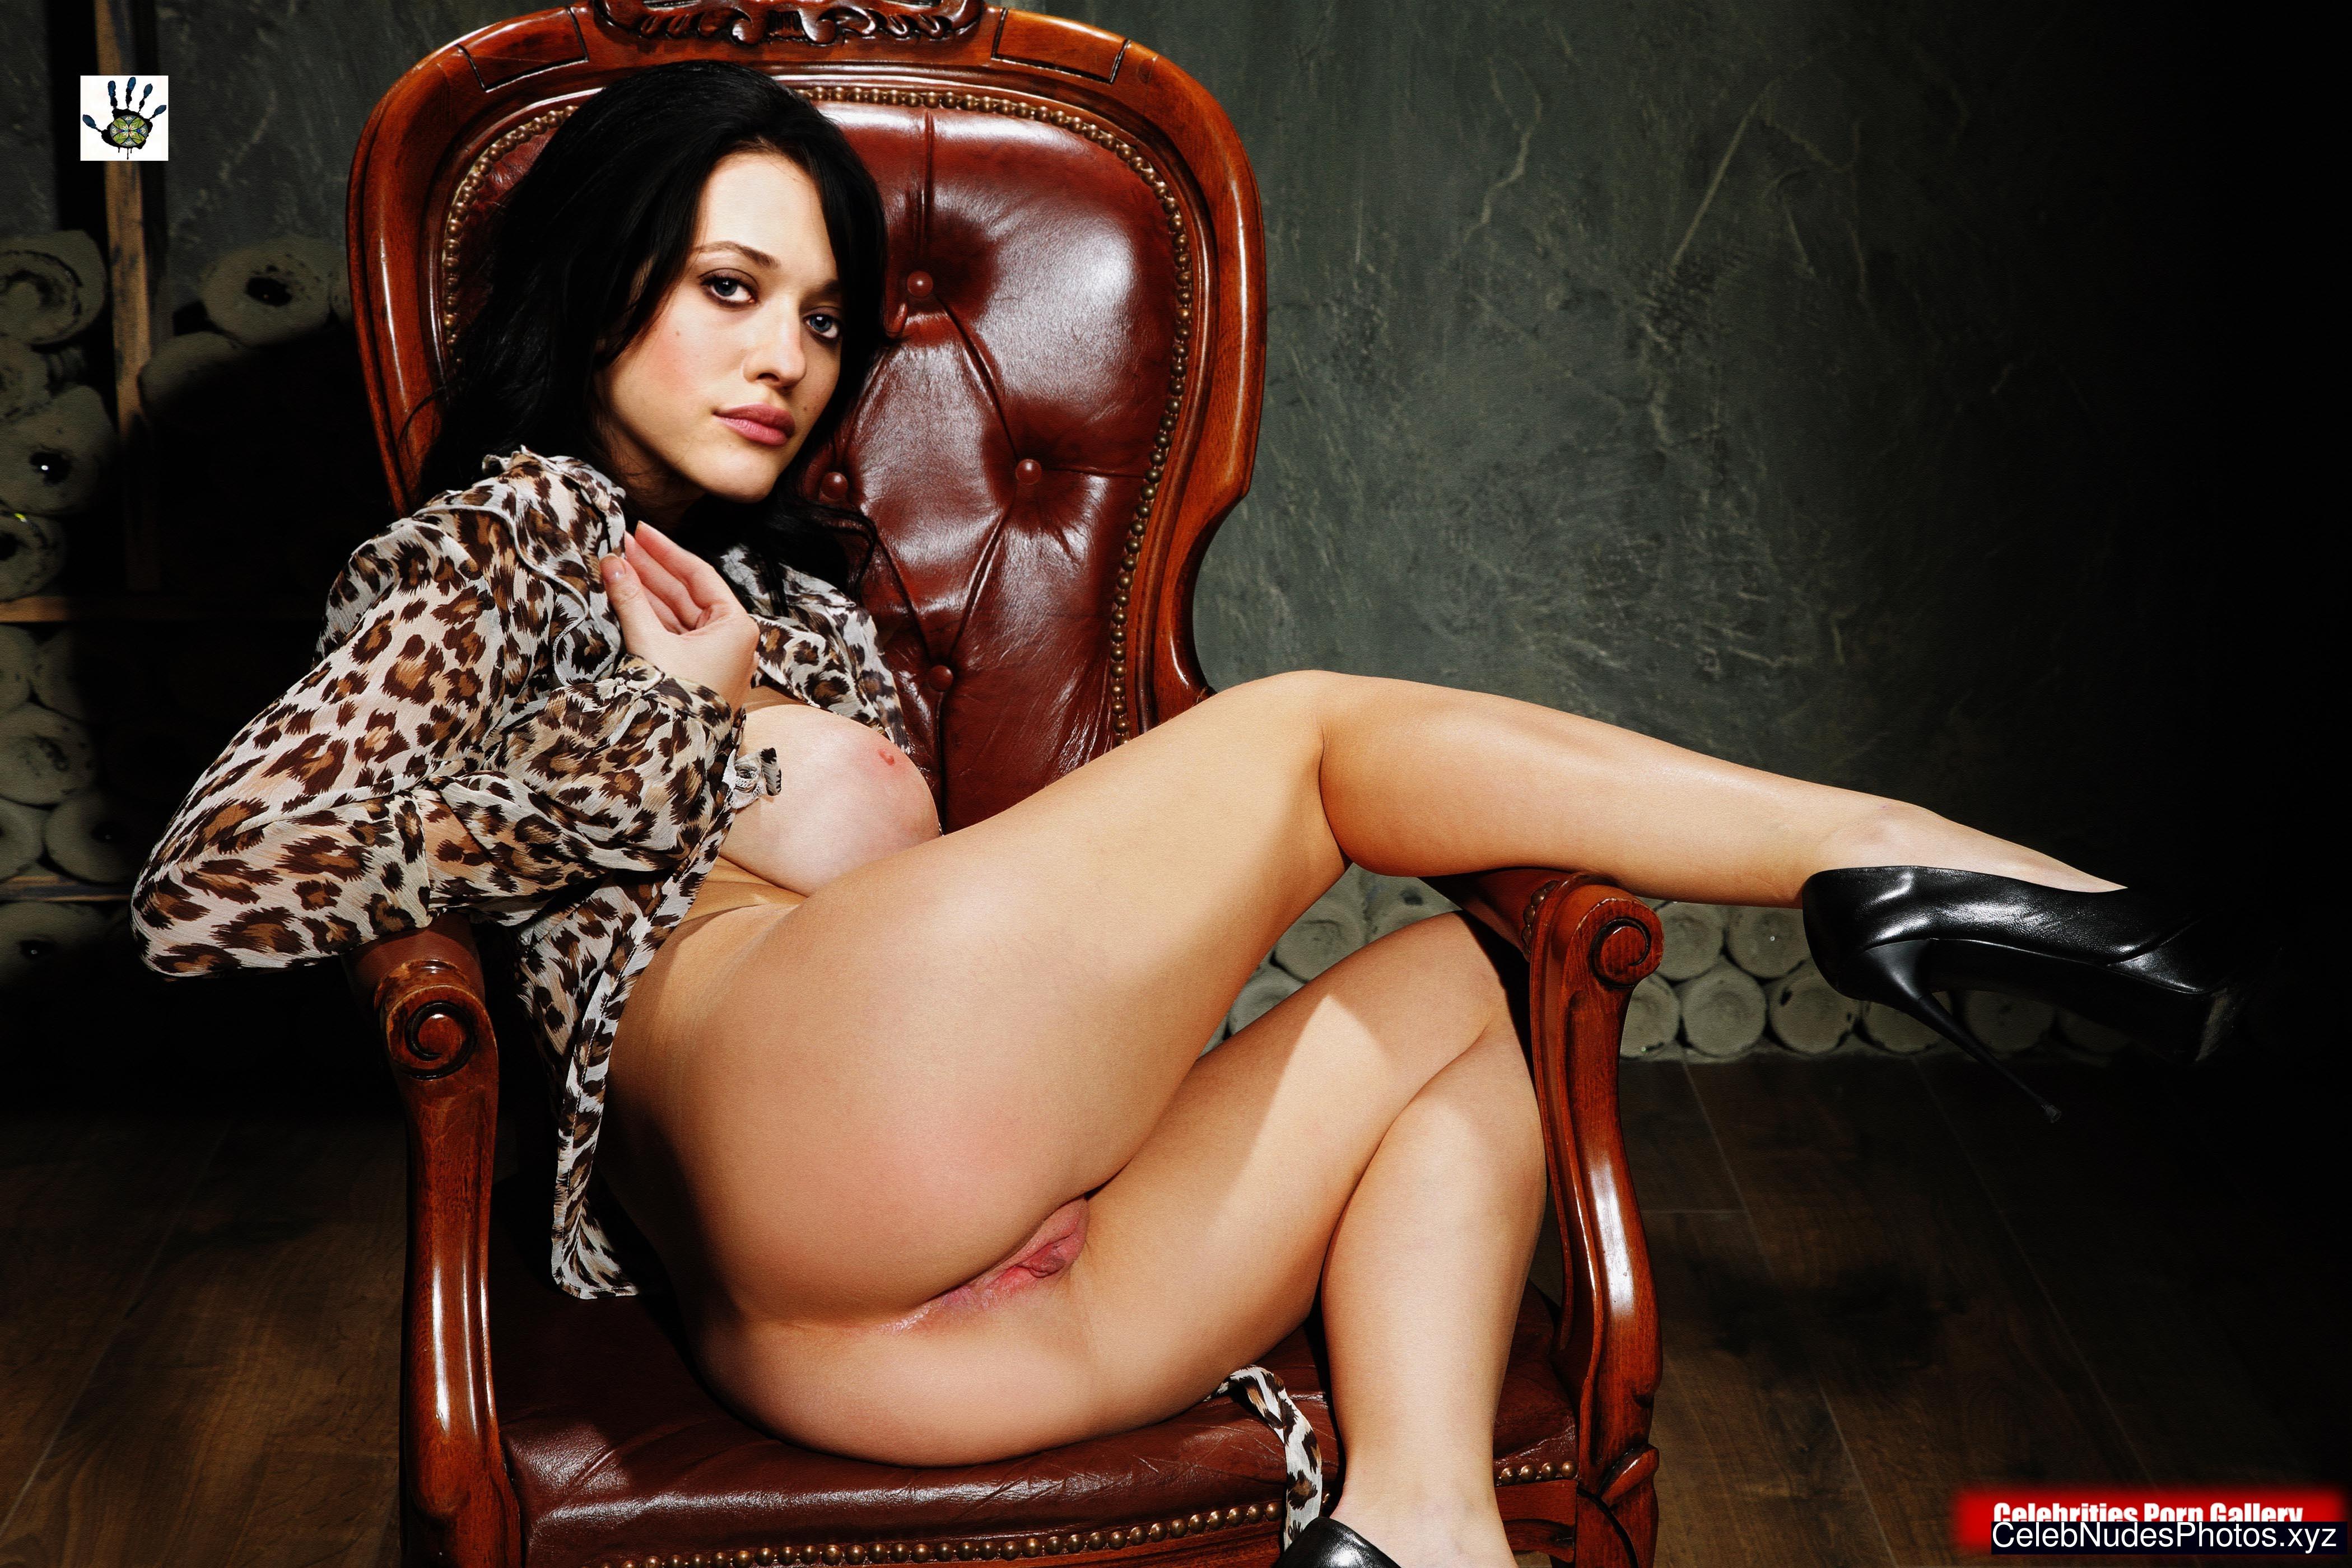 Kat Dennings celebrity nudes